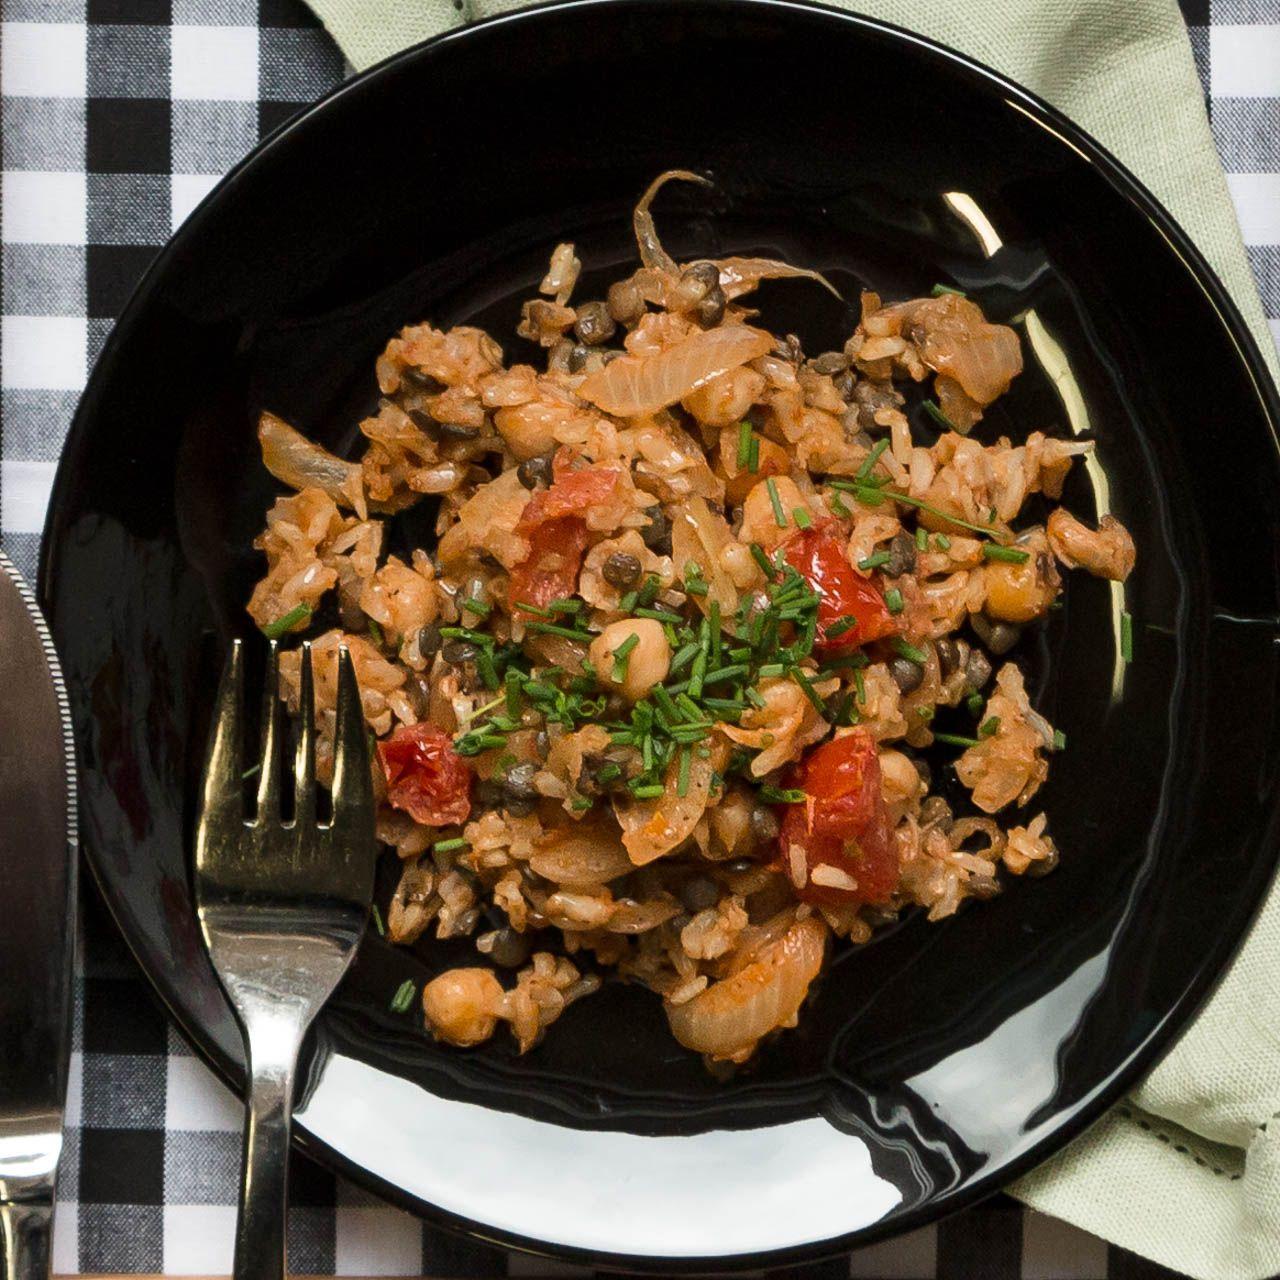 Rezepte - Tibits - Vegetarian Restaurant Bar Take Away Catering